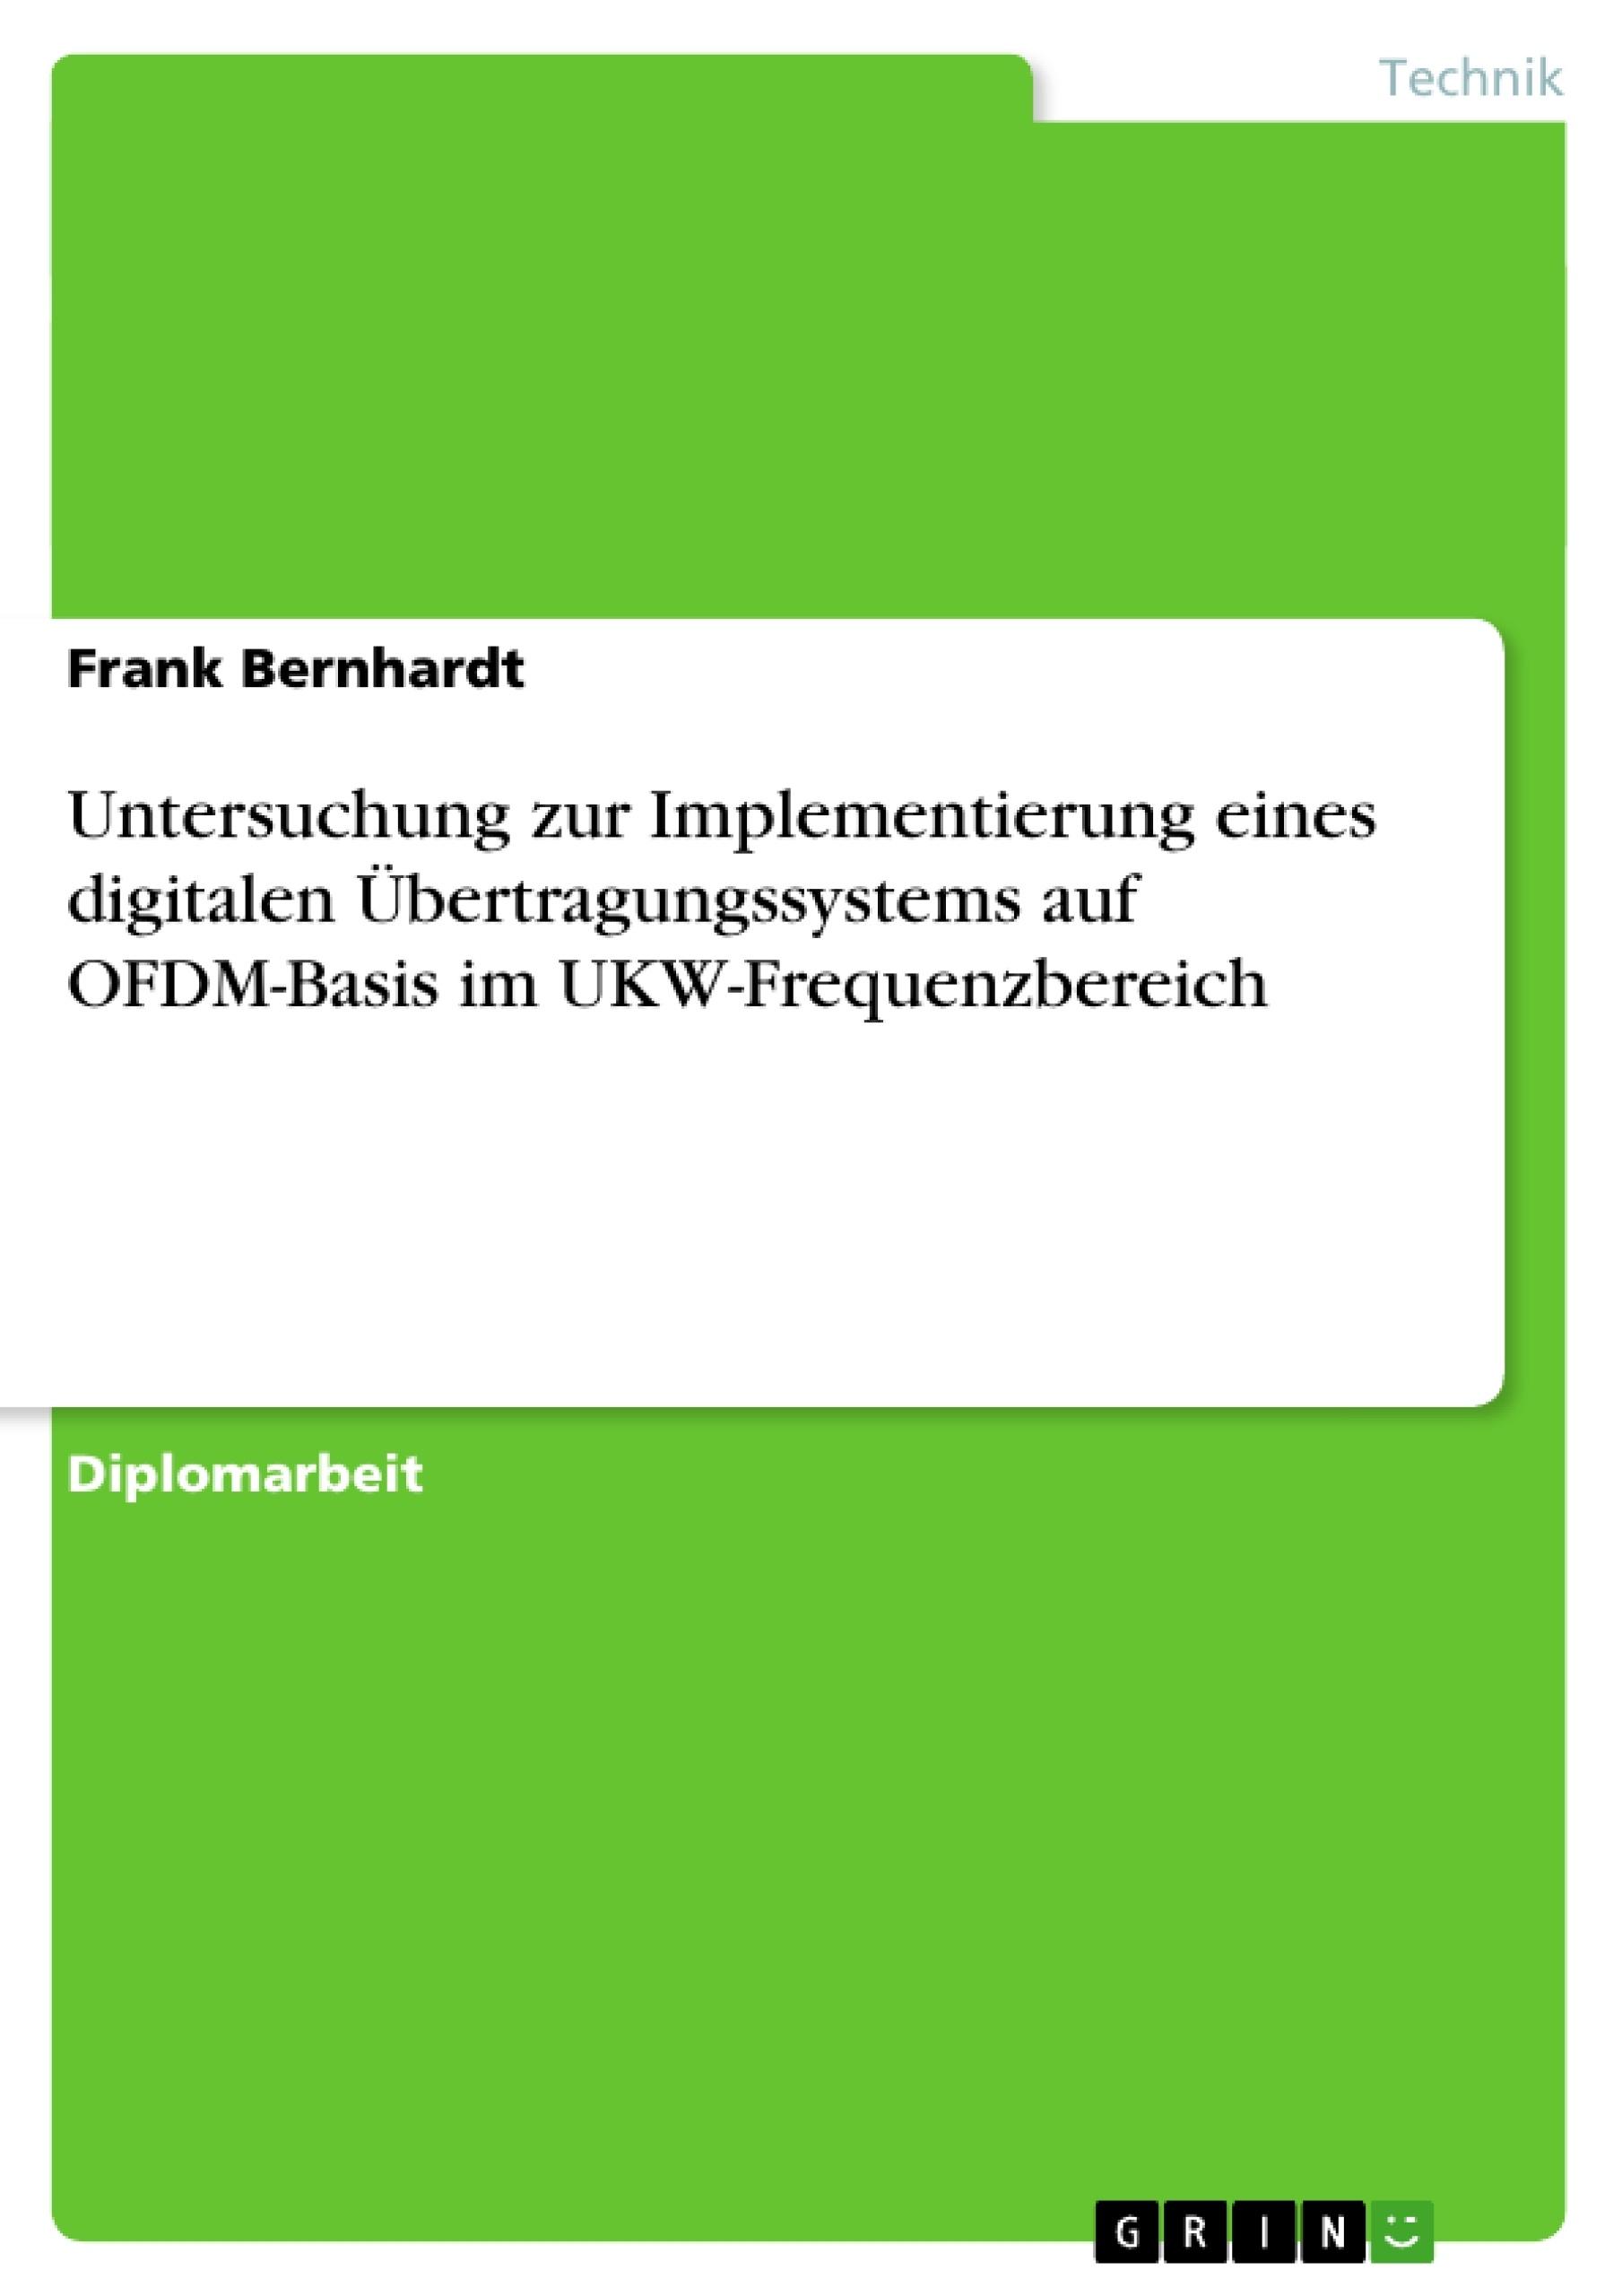 Titel: Untersuchung zur Implementierung eines digitalen Übertragungssystems auf OFDM-Basis im UKW-Frequenzbereich